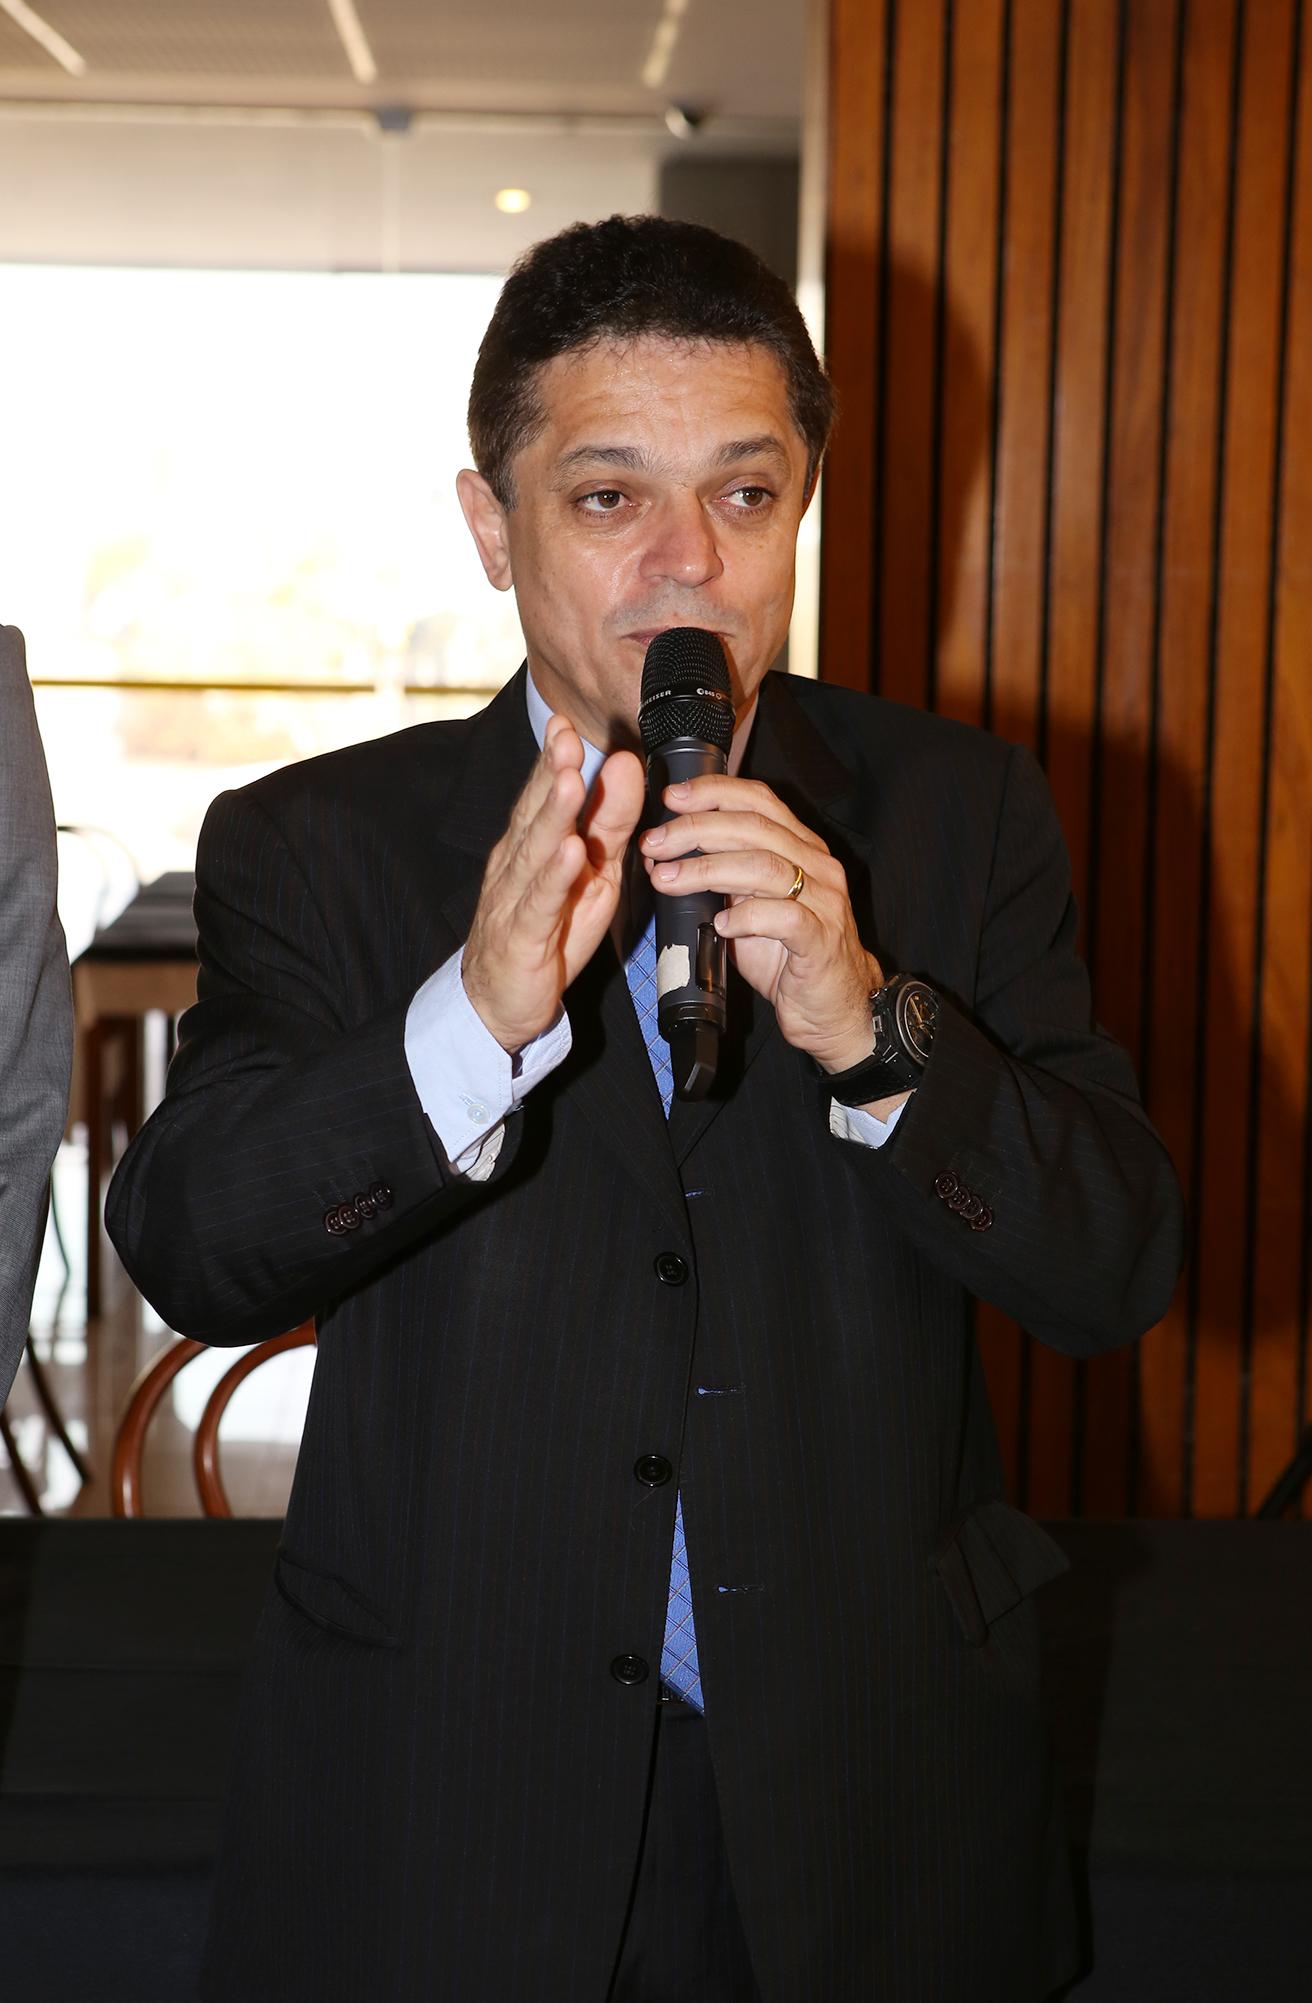 Lançamento da Frente Parlamentar da Radiodifusão. Dep. João Rodrigues (PSD-SC)